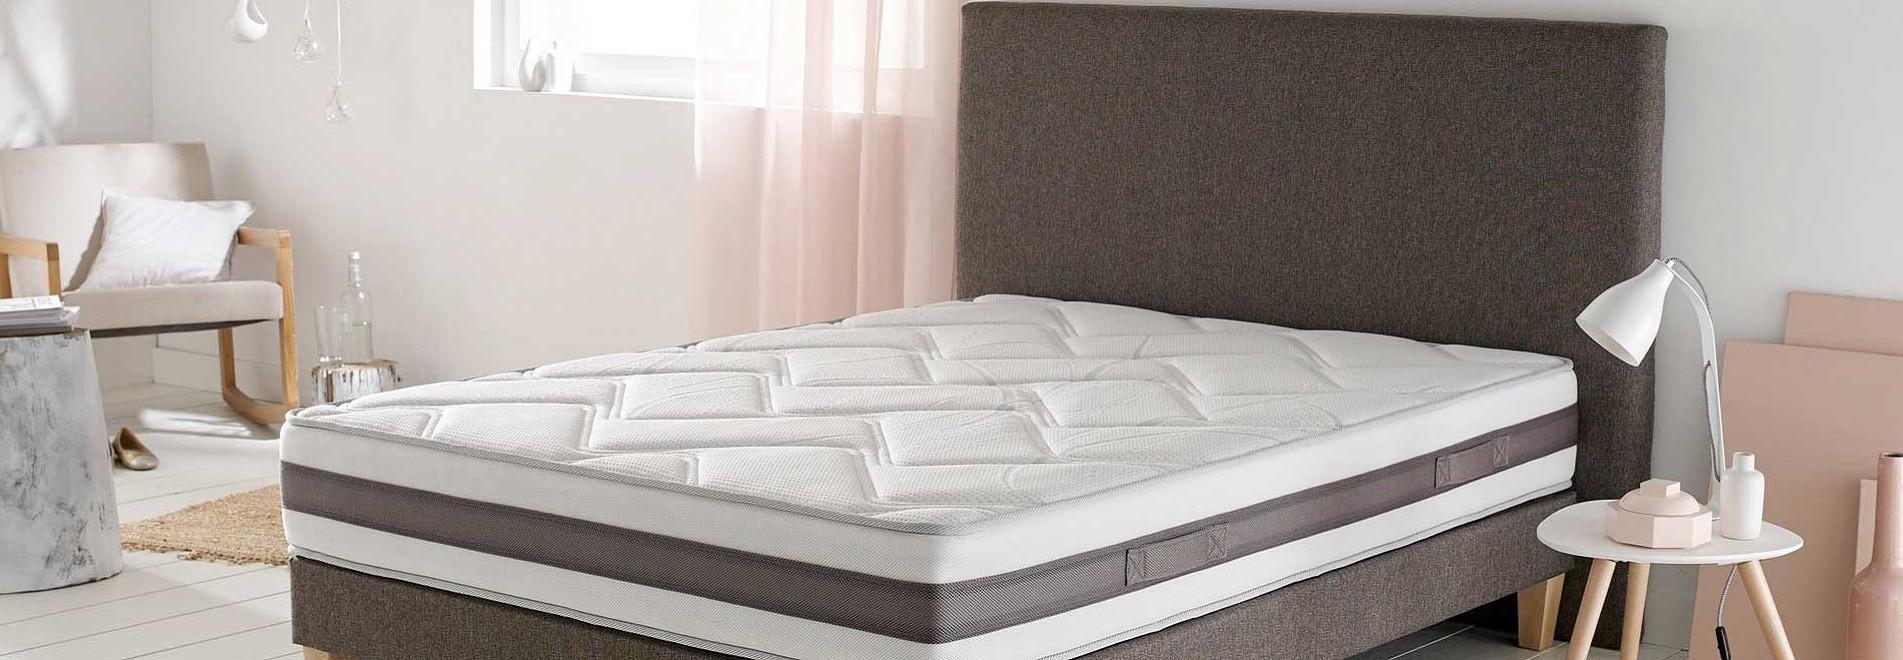 literie et ameublements pour h tels chambres d 39 h tes. Black Bedroom Furniture Sets. Home Design Ideas